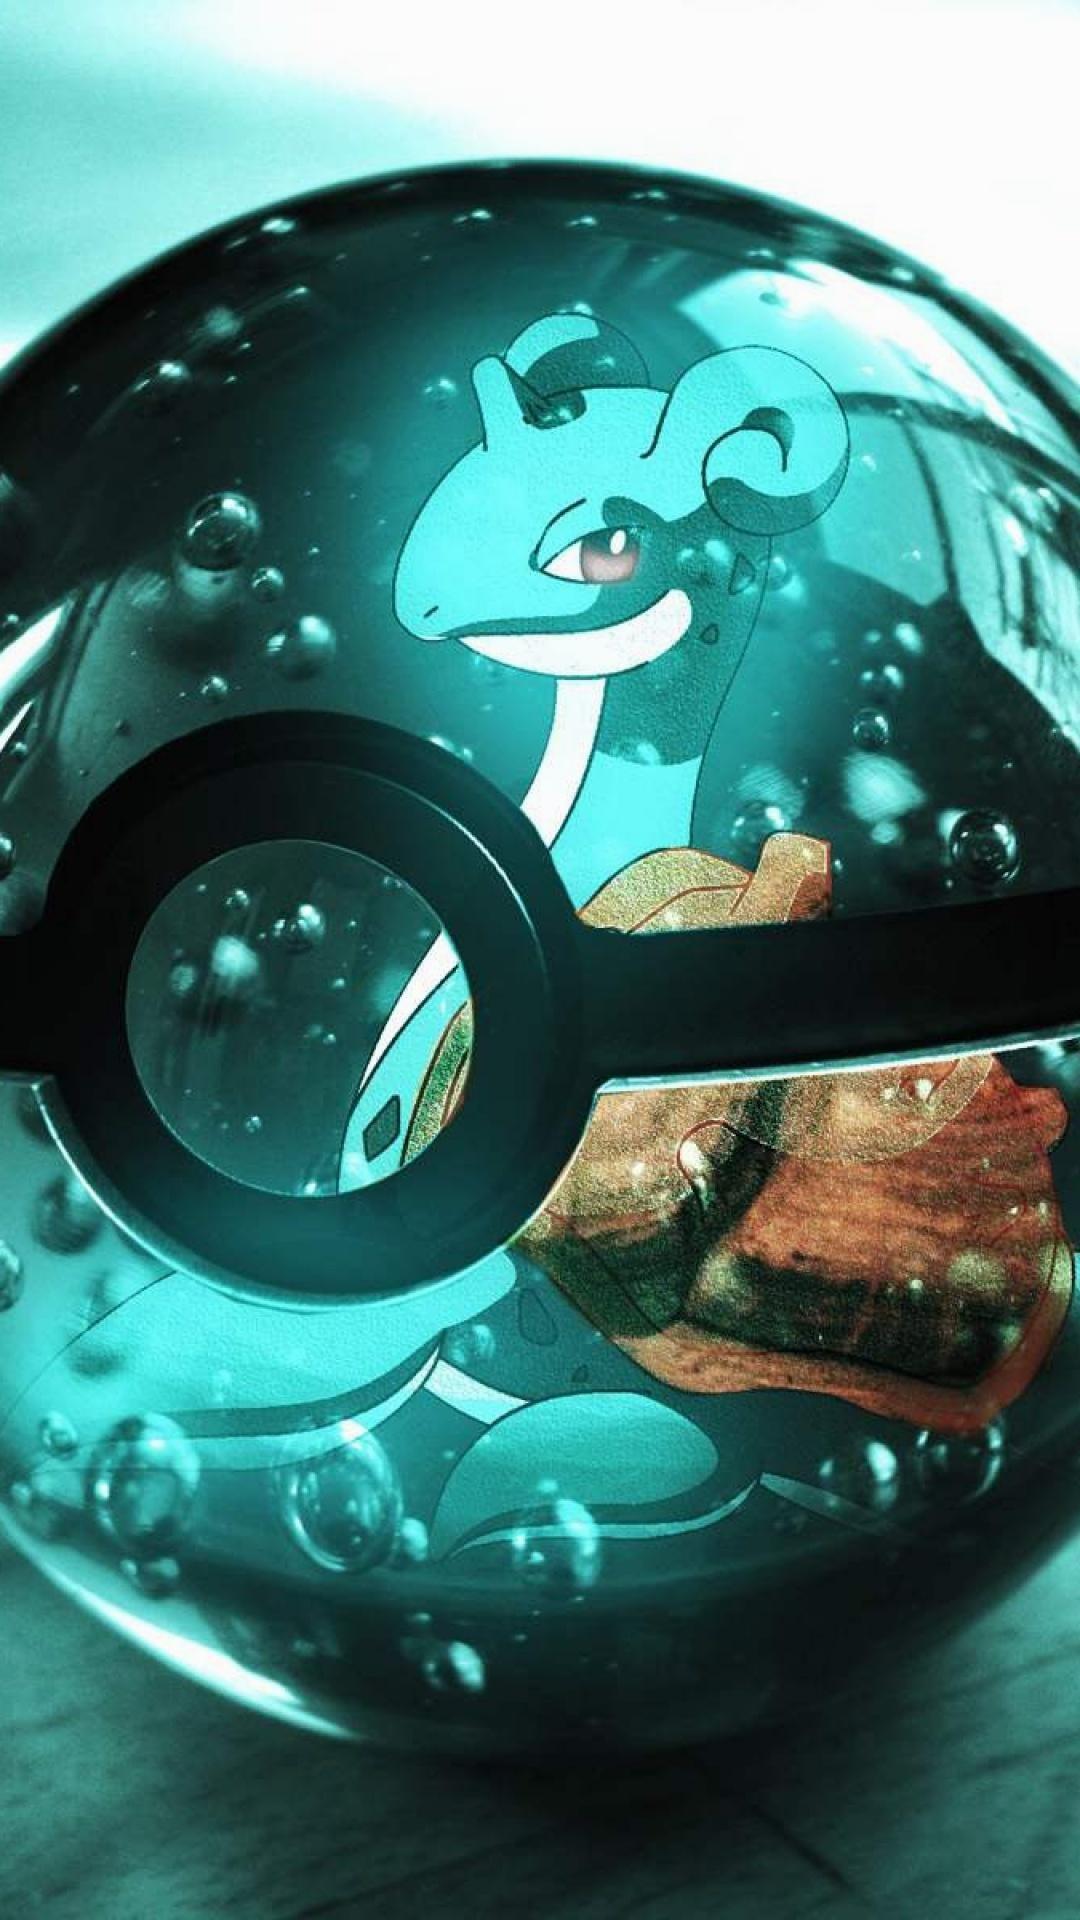 hd-pokemon-go-for-mobile-1920×1080-pokeball-wallpaper-